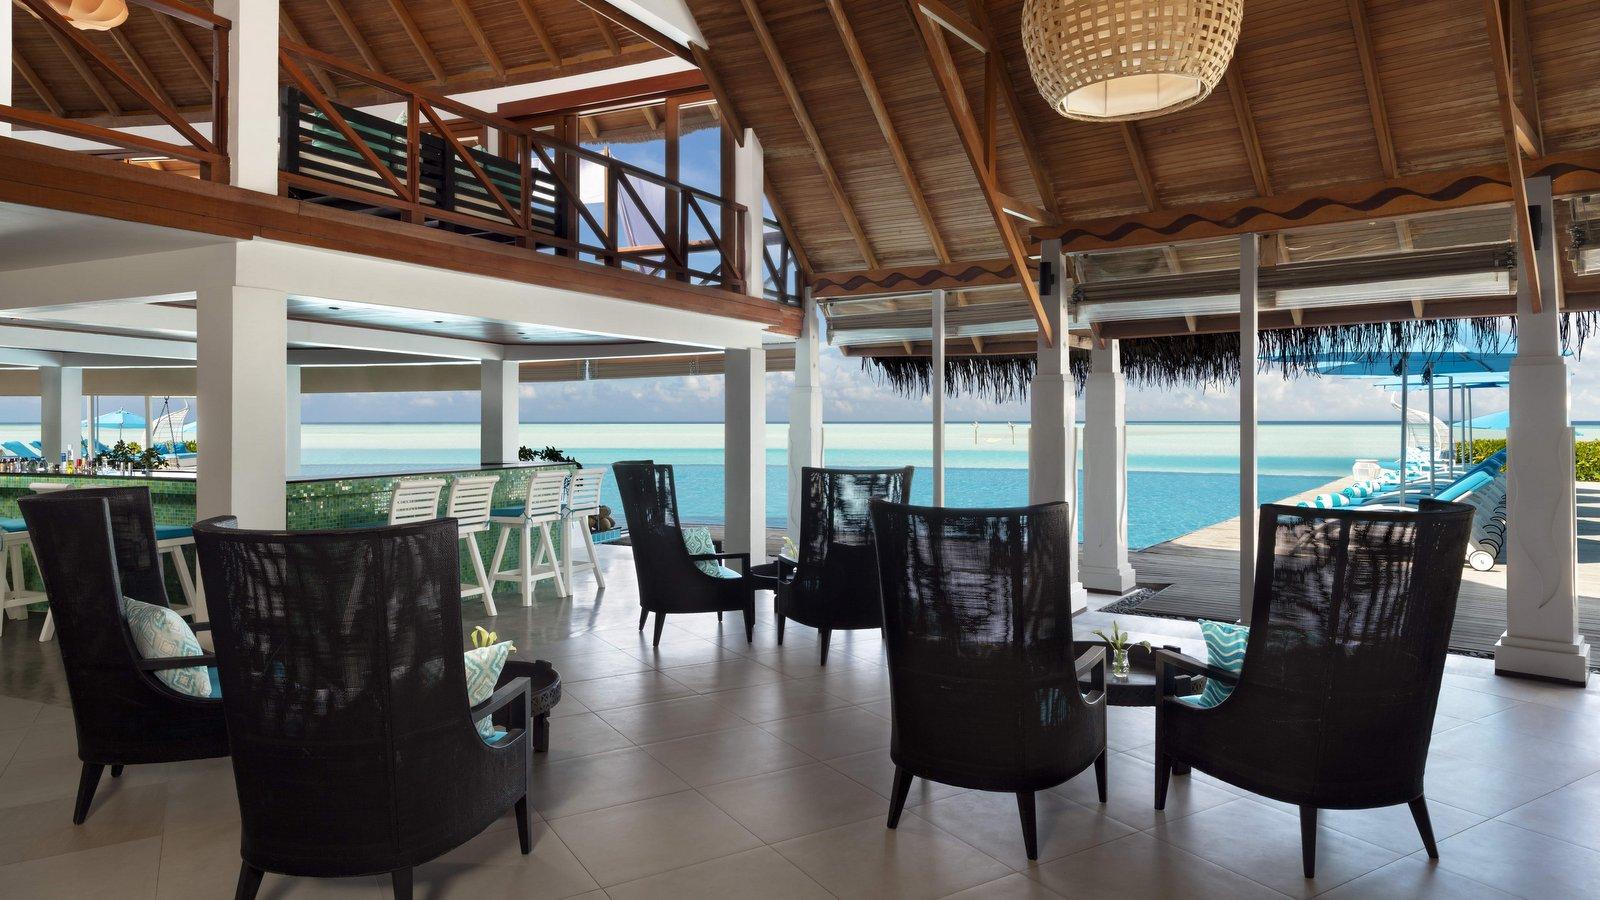 Мальдивы, отель Anantara Dhigu Maldives Resort, ресторан Aqua